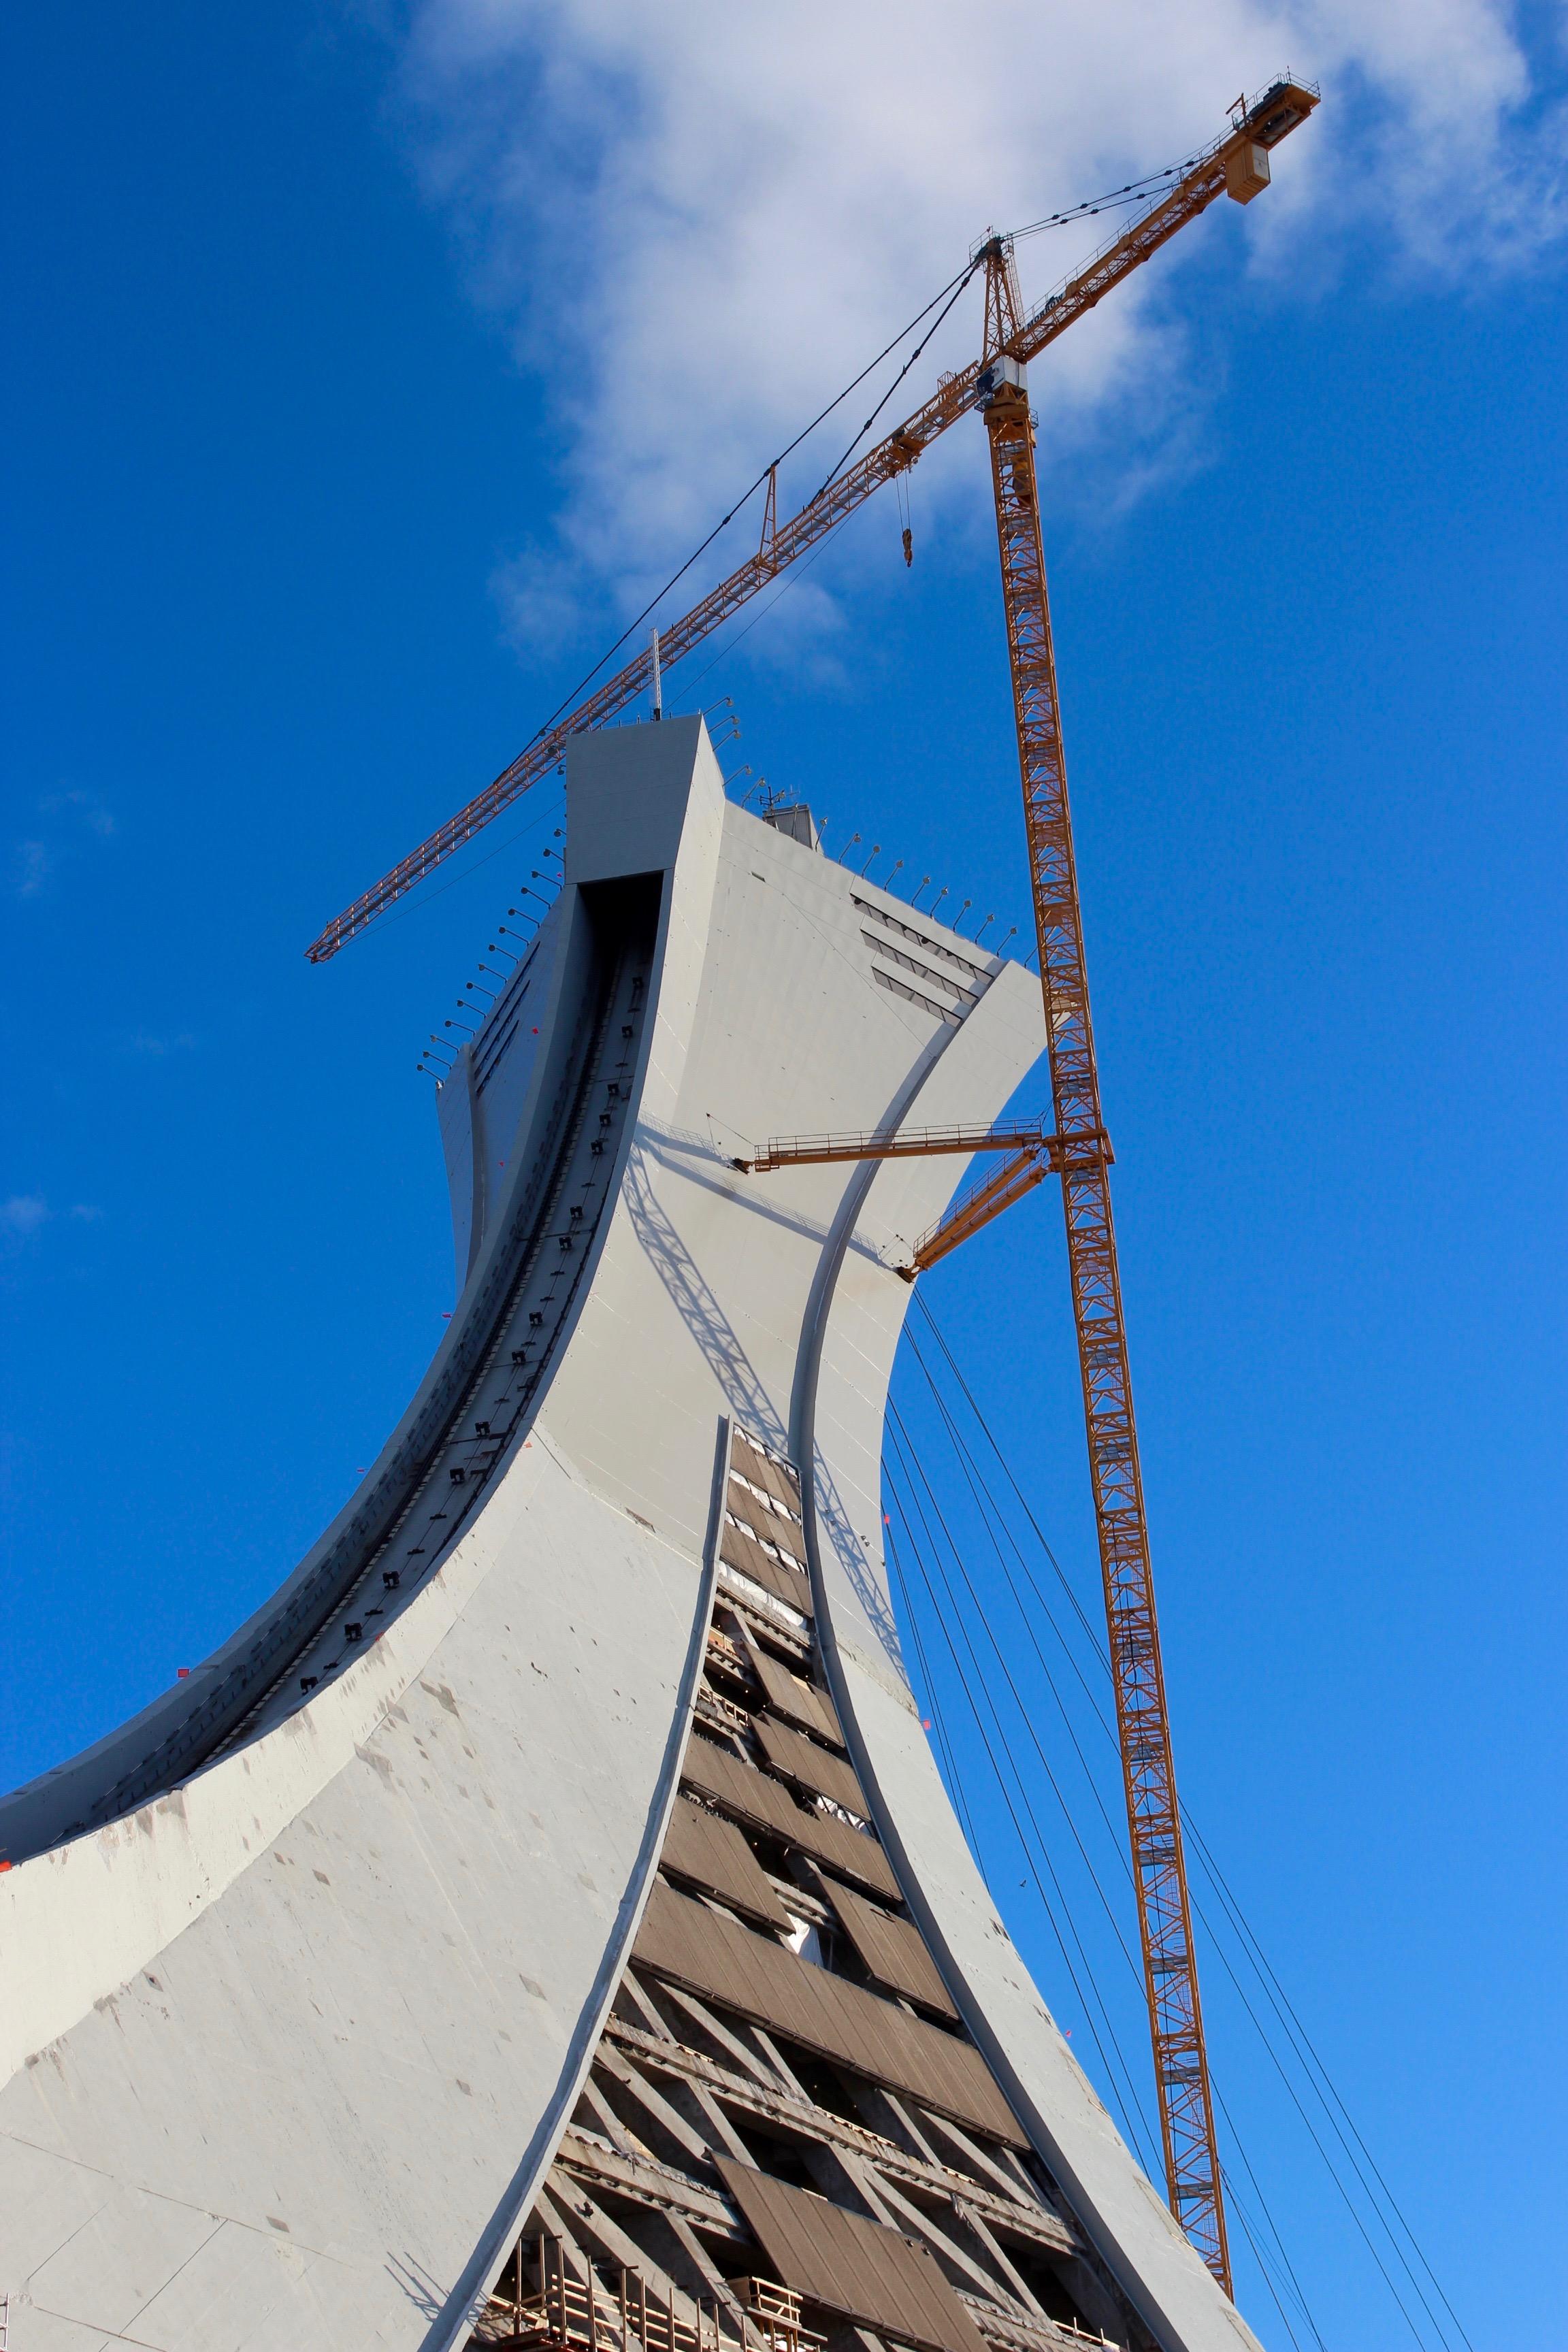 Tour de Montreal renovations 2016.jpg Français : Grue affixé a la Tour de Montréal pour sa rénovation. Plus haute grue du Canada en 2016.